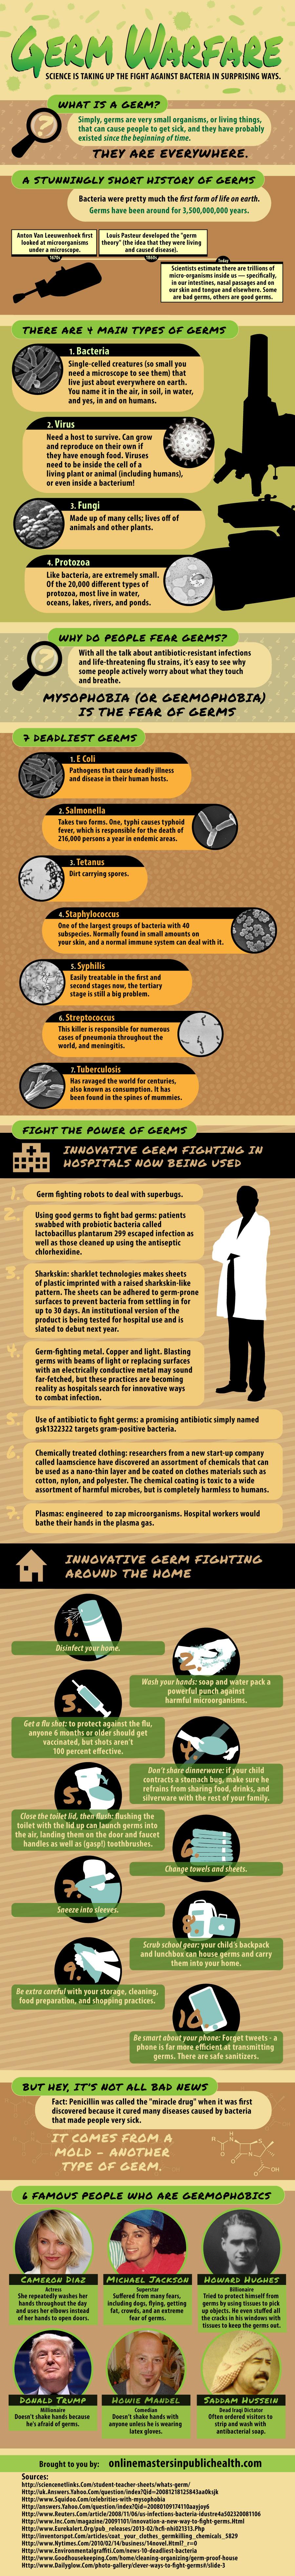 Germ_Warfare